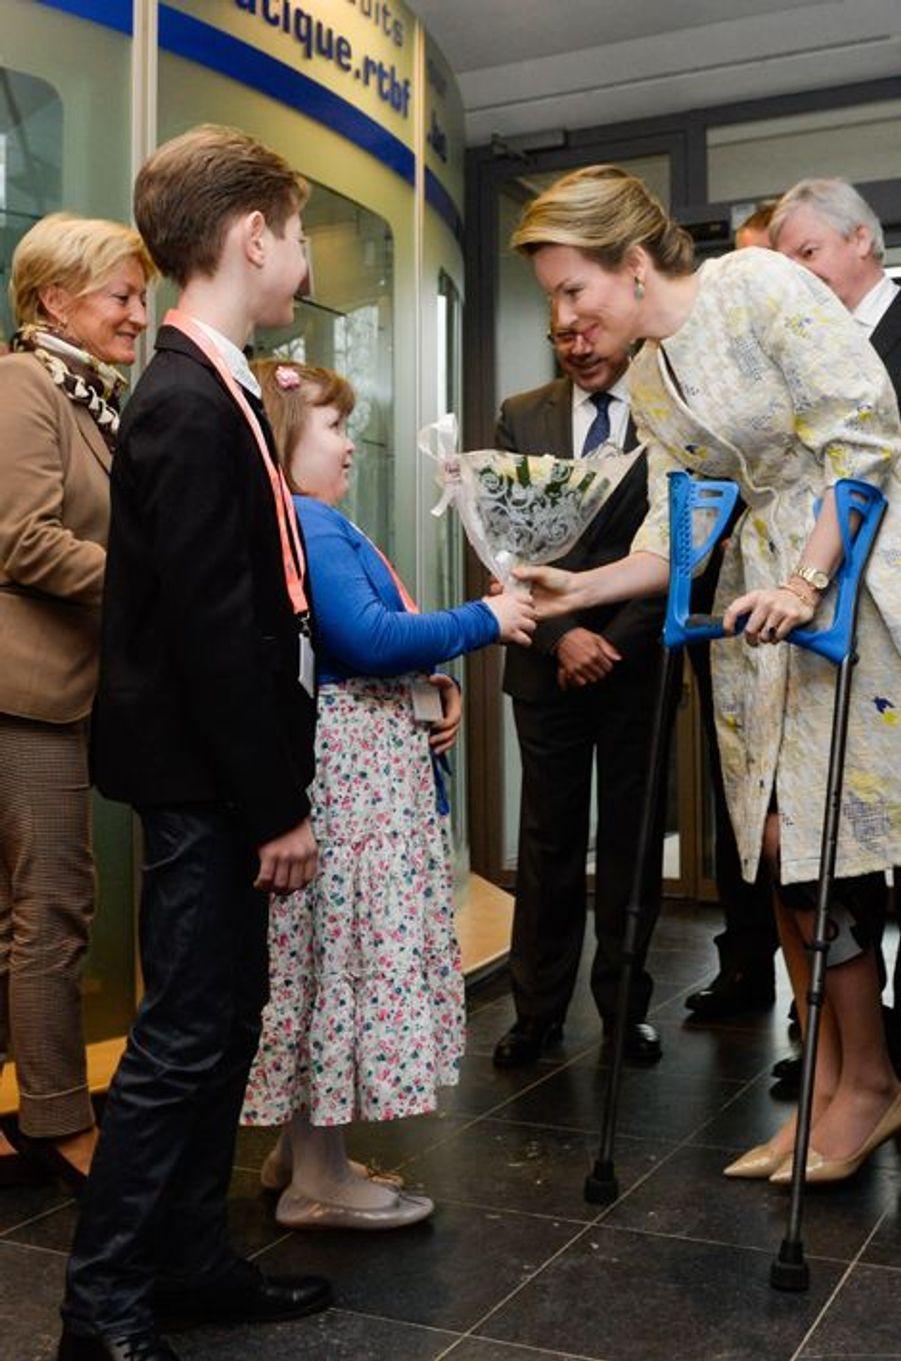 La reine Mathilde et le roi Philippe de Belgique visitent les studios de la RTBF à Bruxelles, le 19 mars 2015